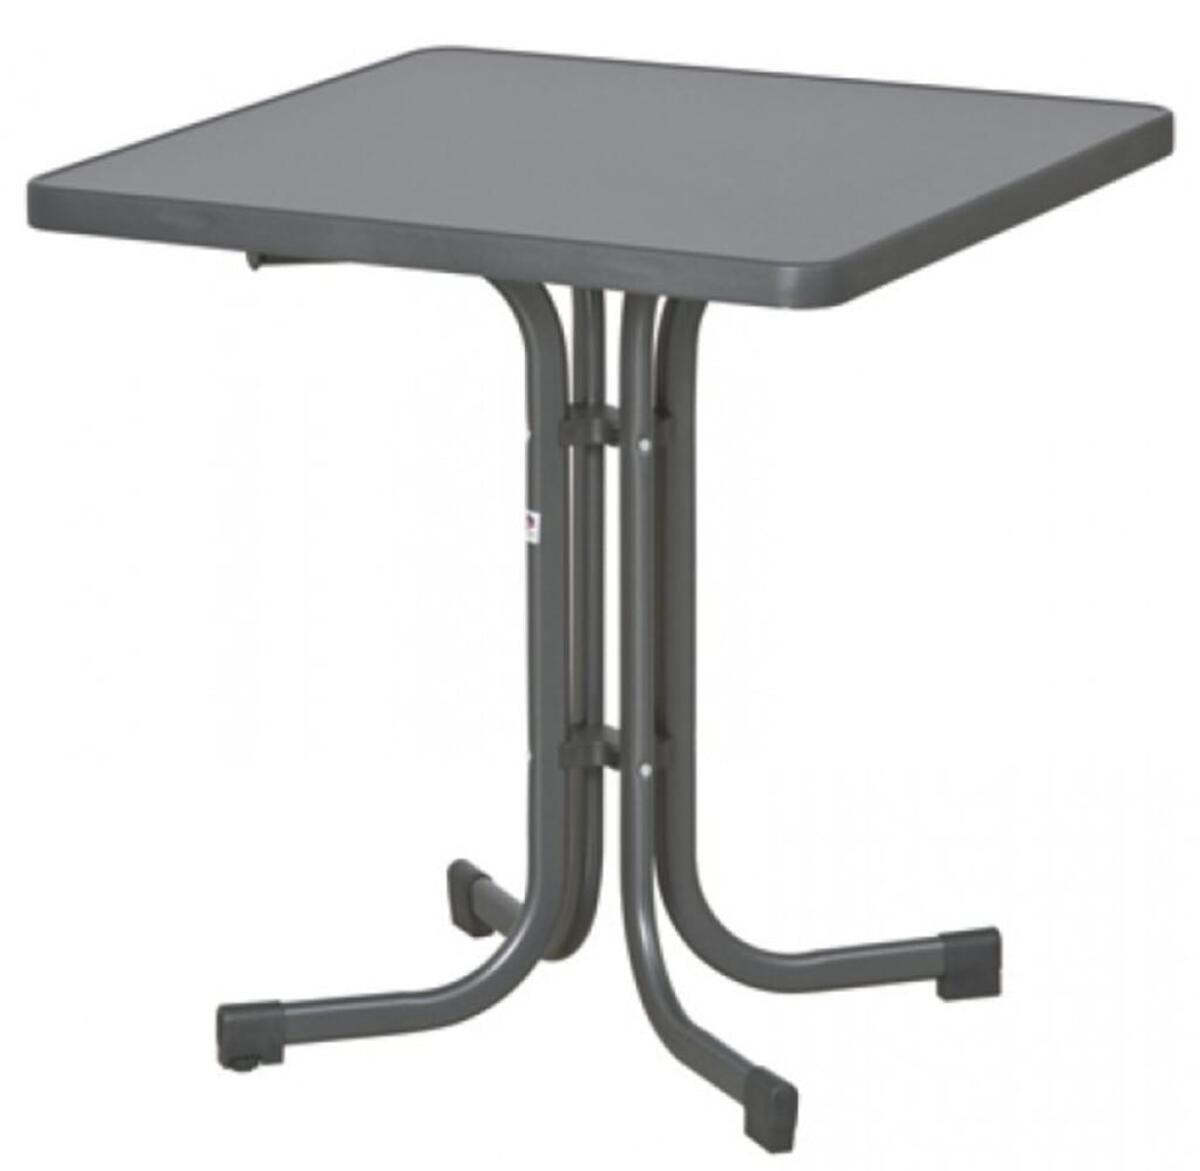 Bild 1 von SIEGER Gartentisch / Klapptisch 70x70cm Stahl grau/Mecalit anthrazit